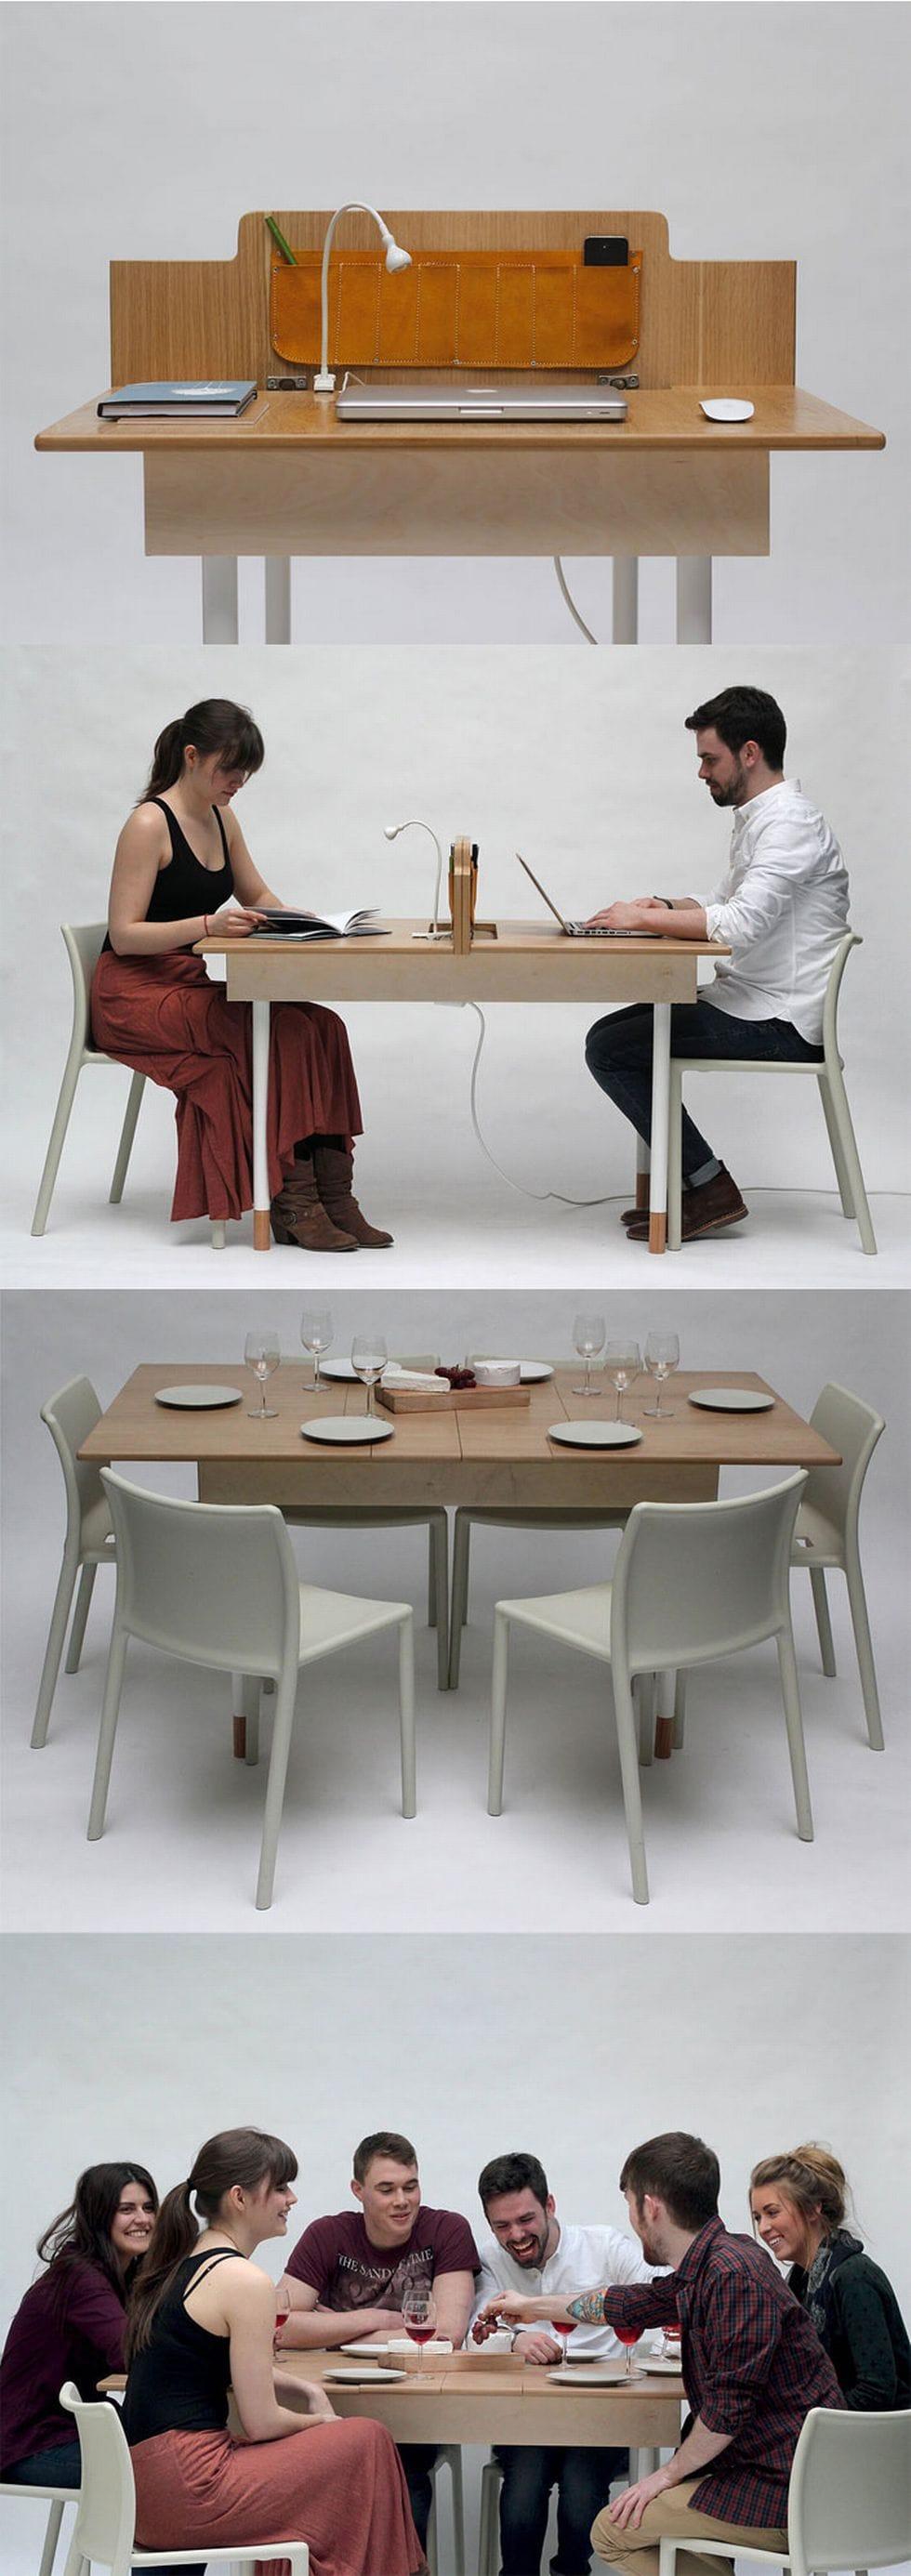 26-Desk-to-dining-table Nội thất thông minh – Những điều không phải ai cũng biết!